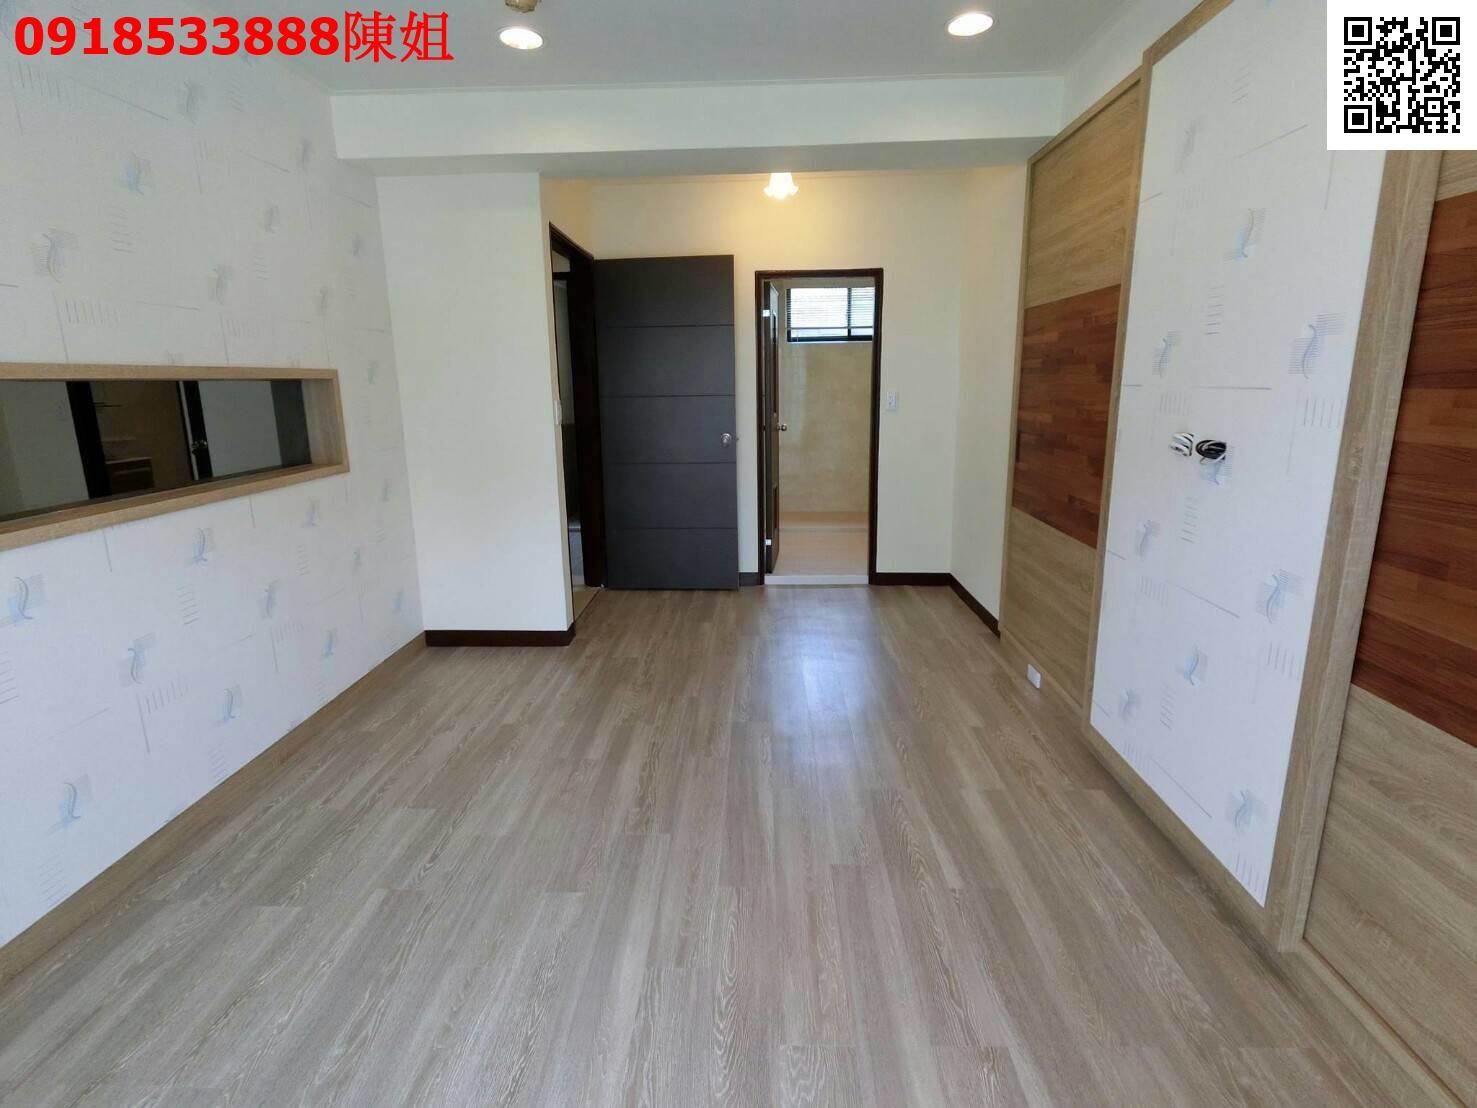 嘉義市西區廣州街生活家美3房華廈 全新整理車位可租